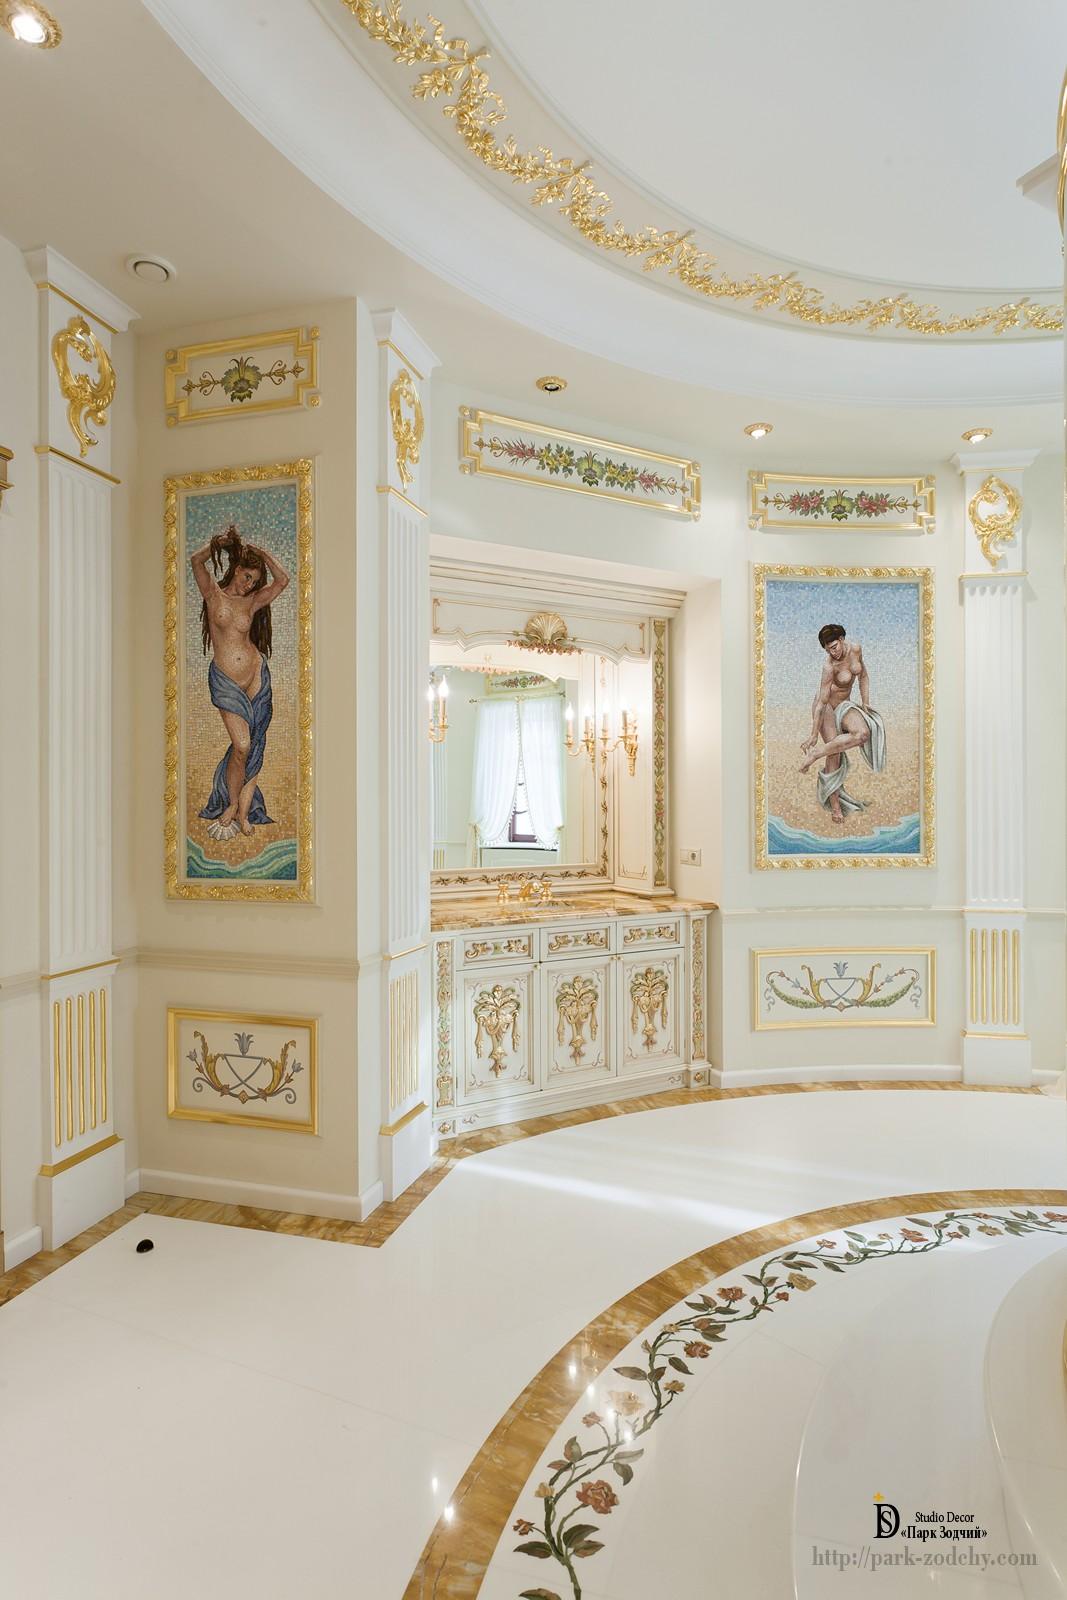 Большая ванная комната с эксклюзивным декором